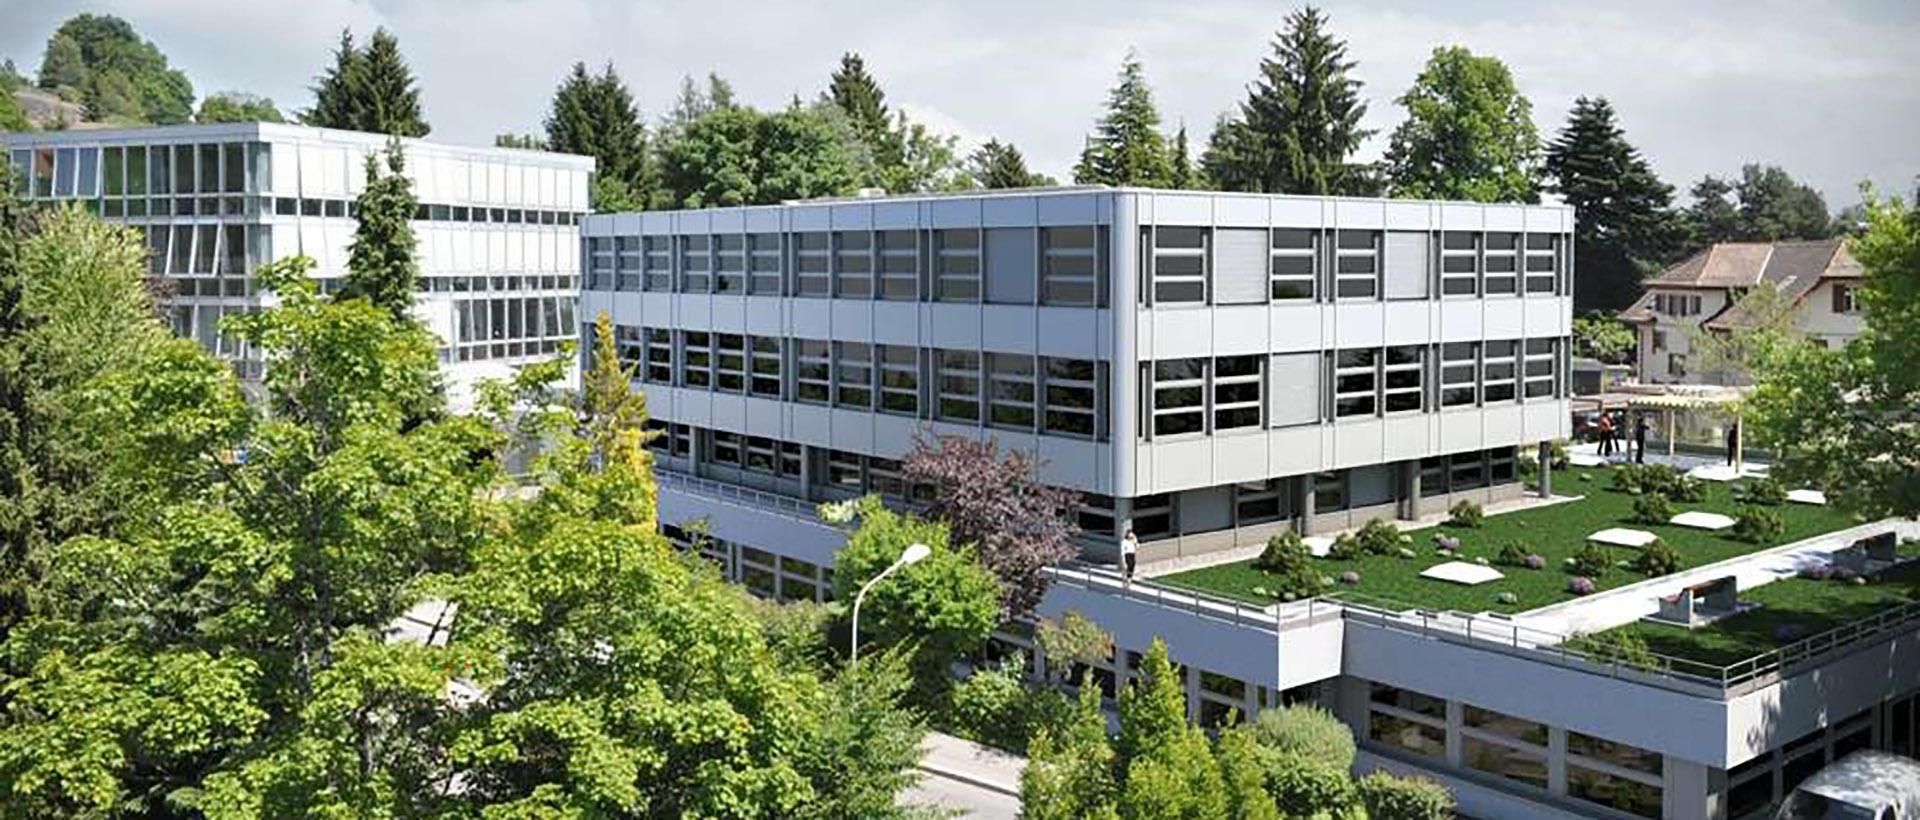 Haute école de travail social et de la santé Lausanne - HETSL Bâtiment